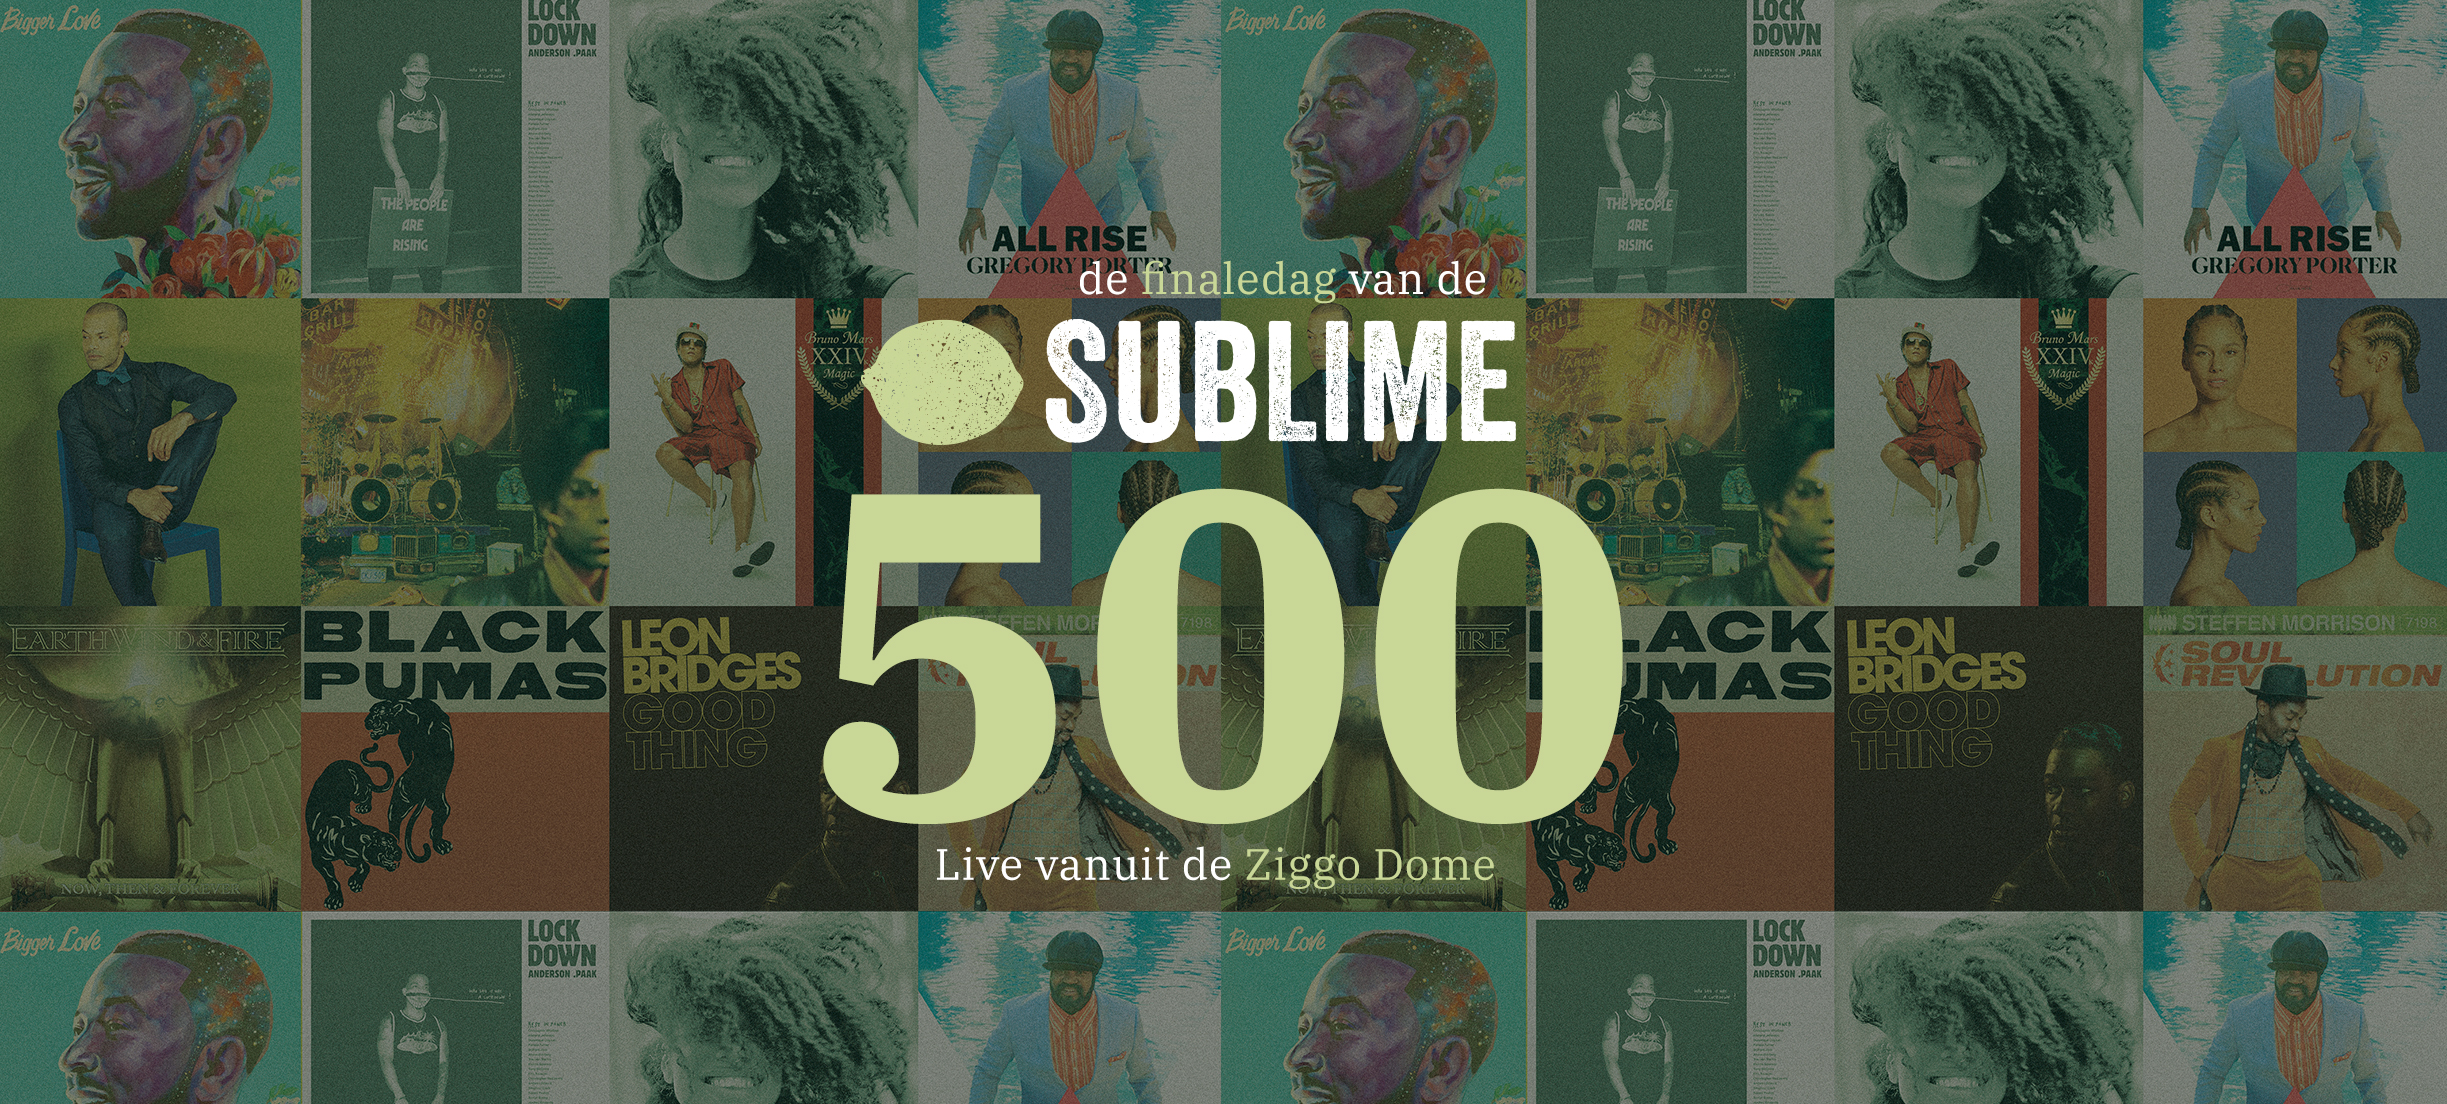 Spectaculaire finale Sublime 500 live vanuit Ziggo Dome